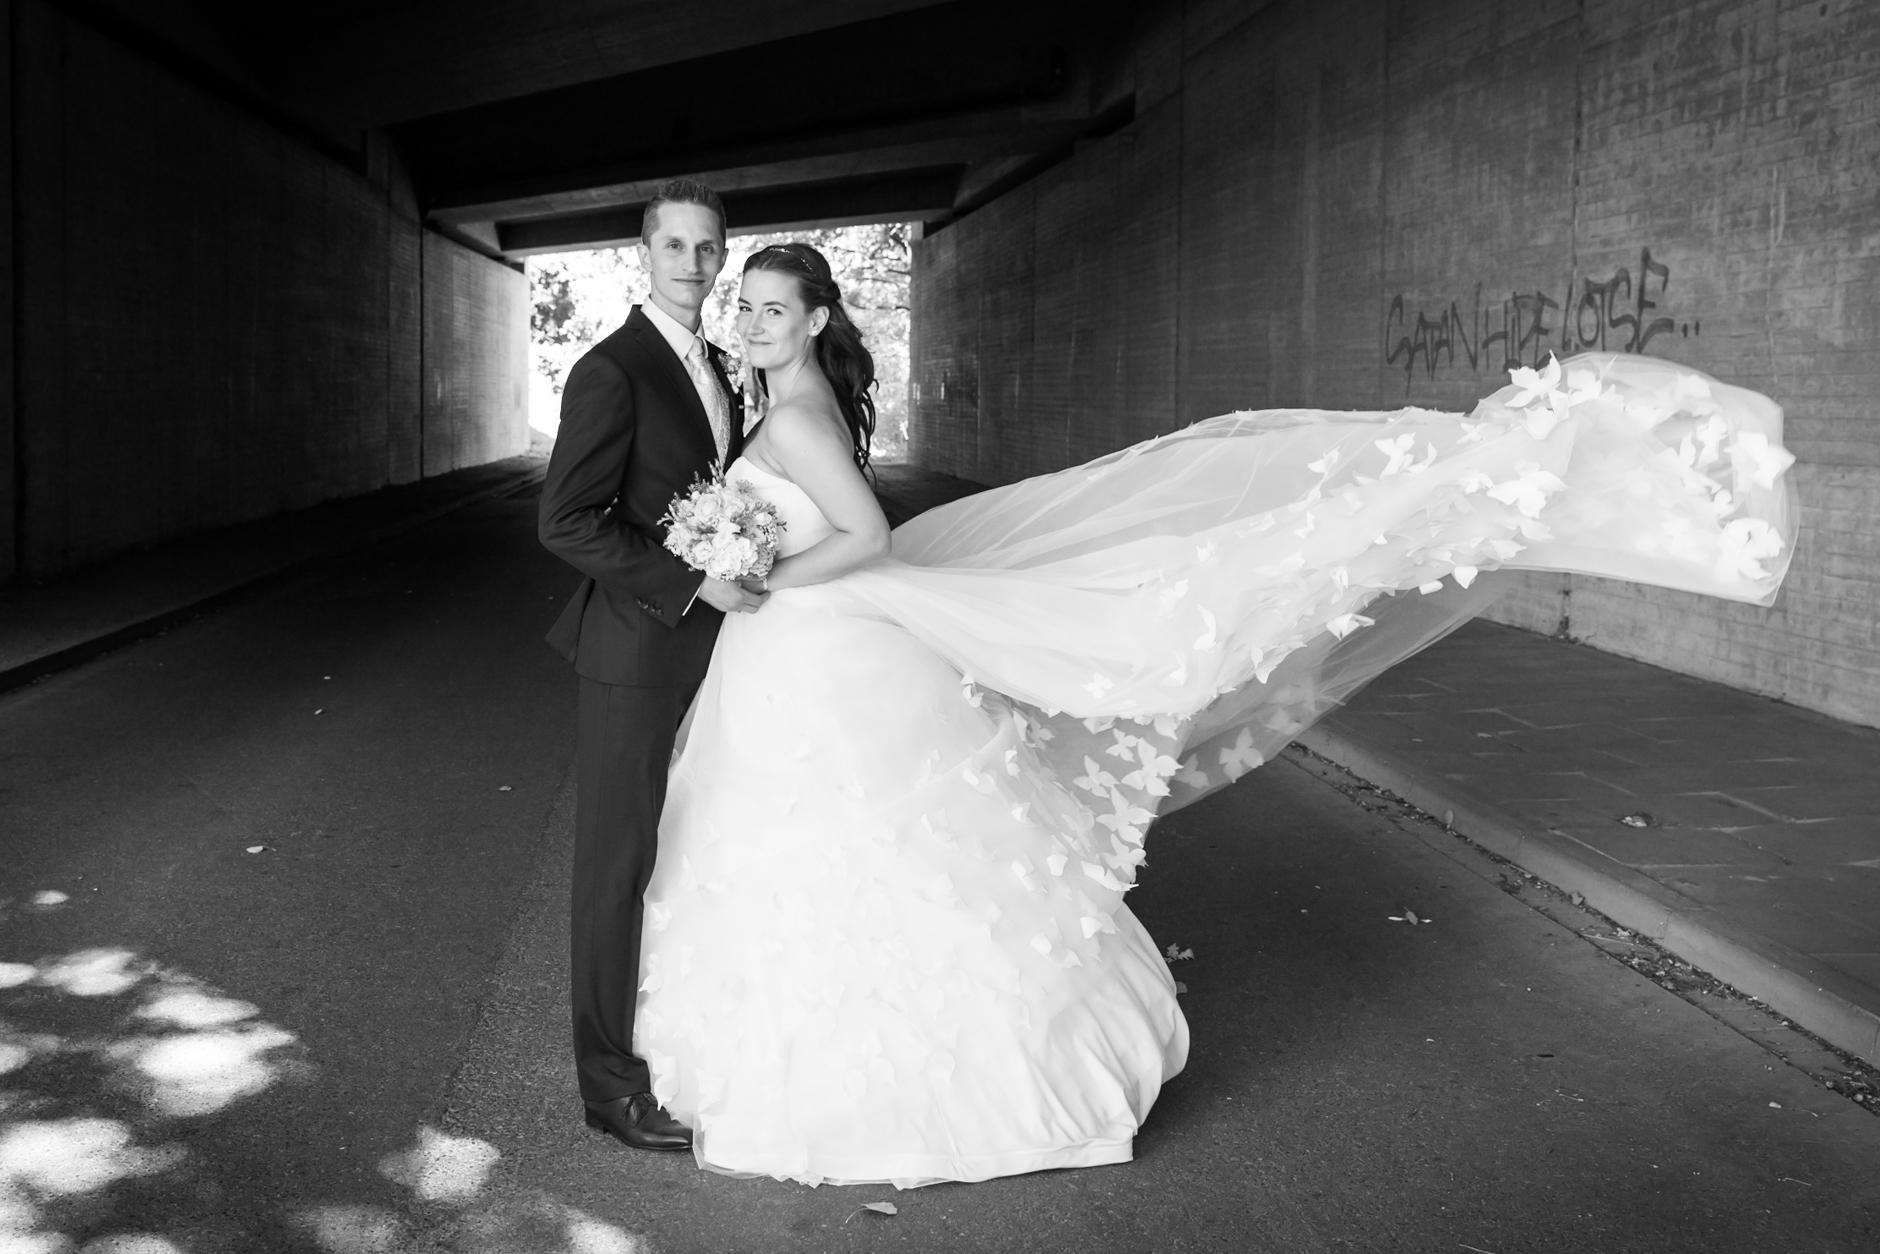 Hochzeitskleider sind natürlich der heimliche Hero jeden Hochzeitsbilds ... neben Braut und Bräutigam versteht sich.